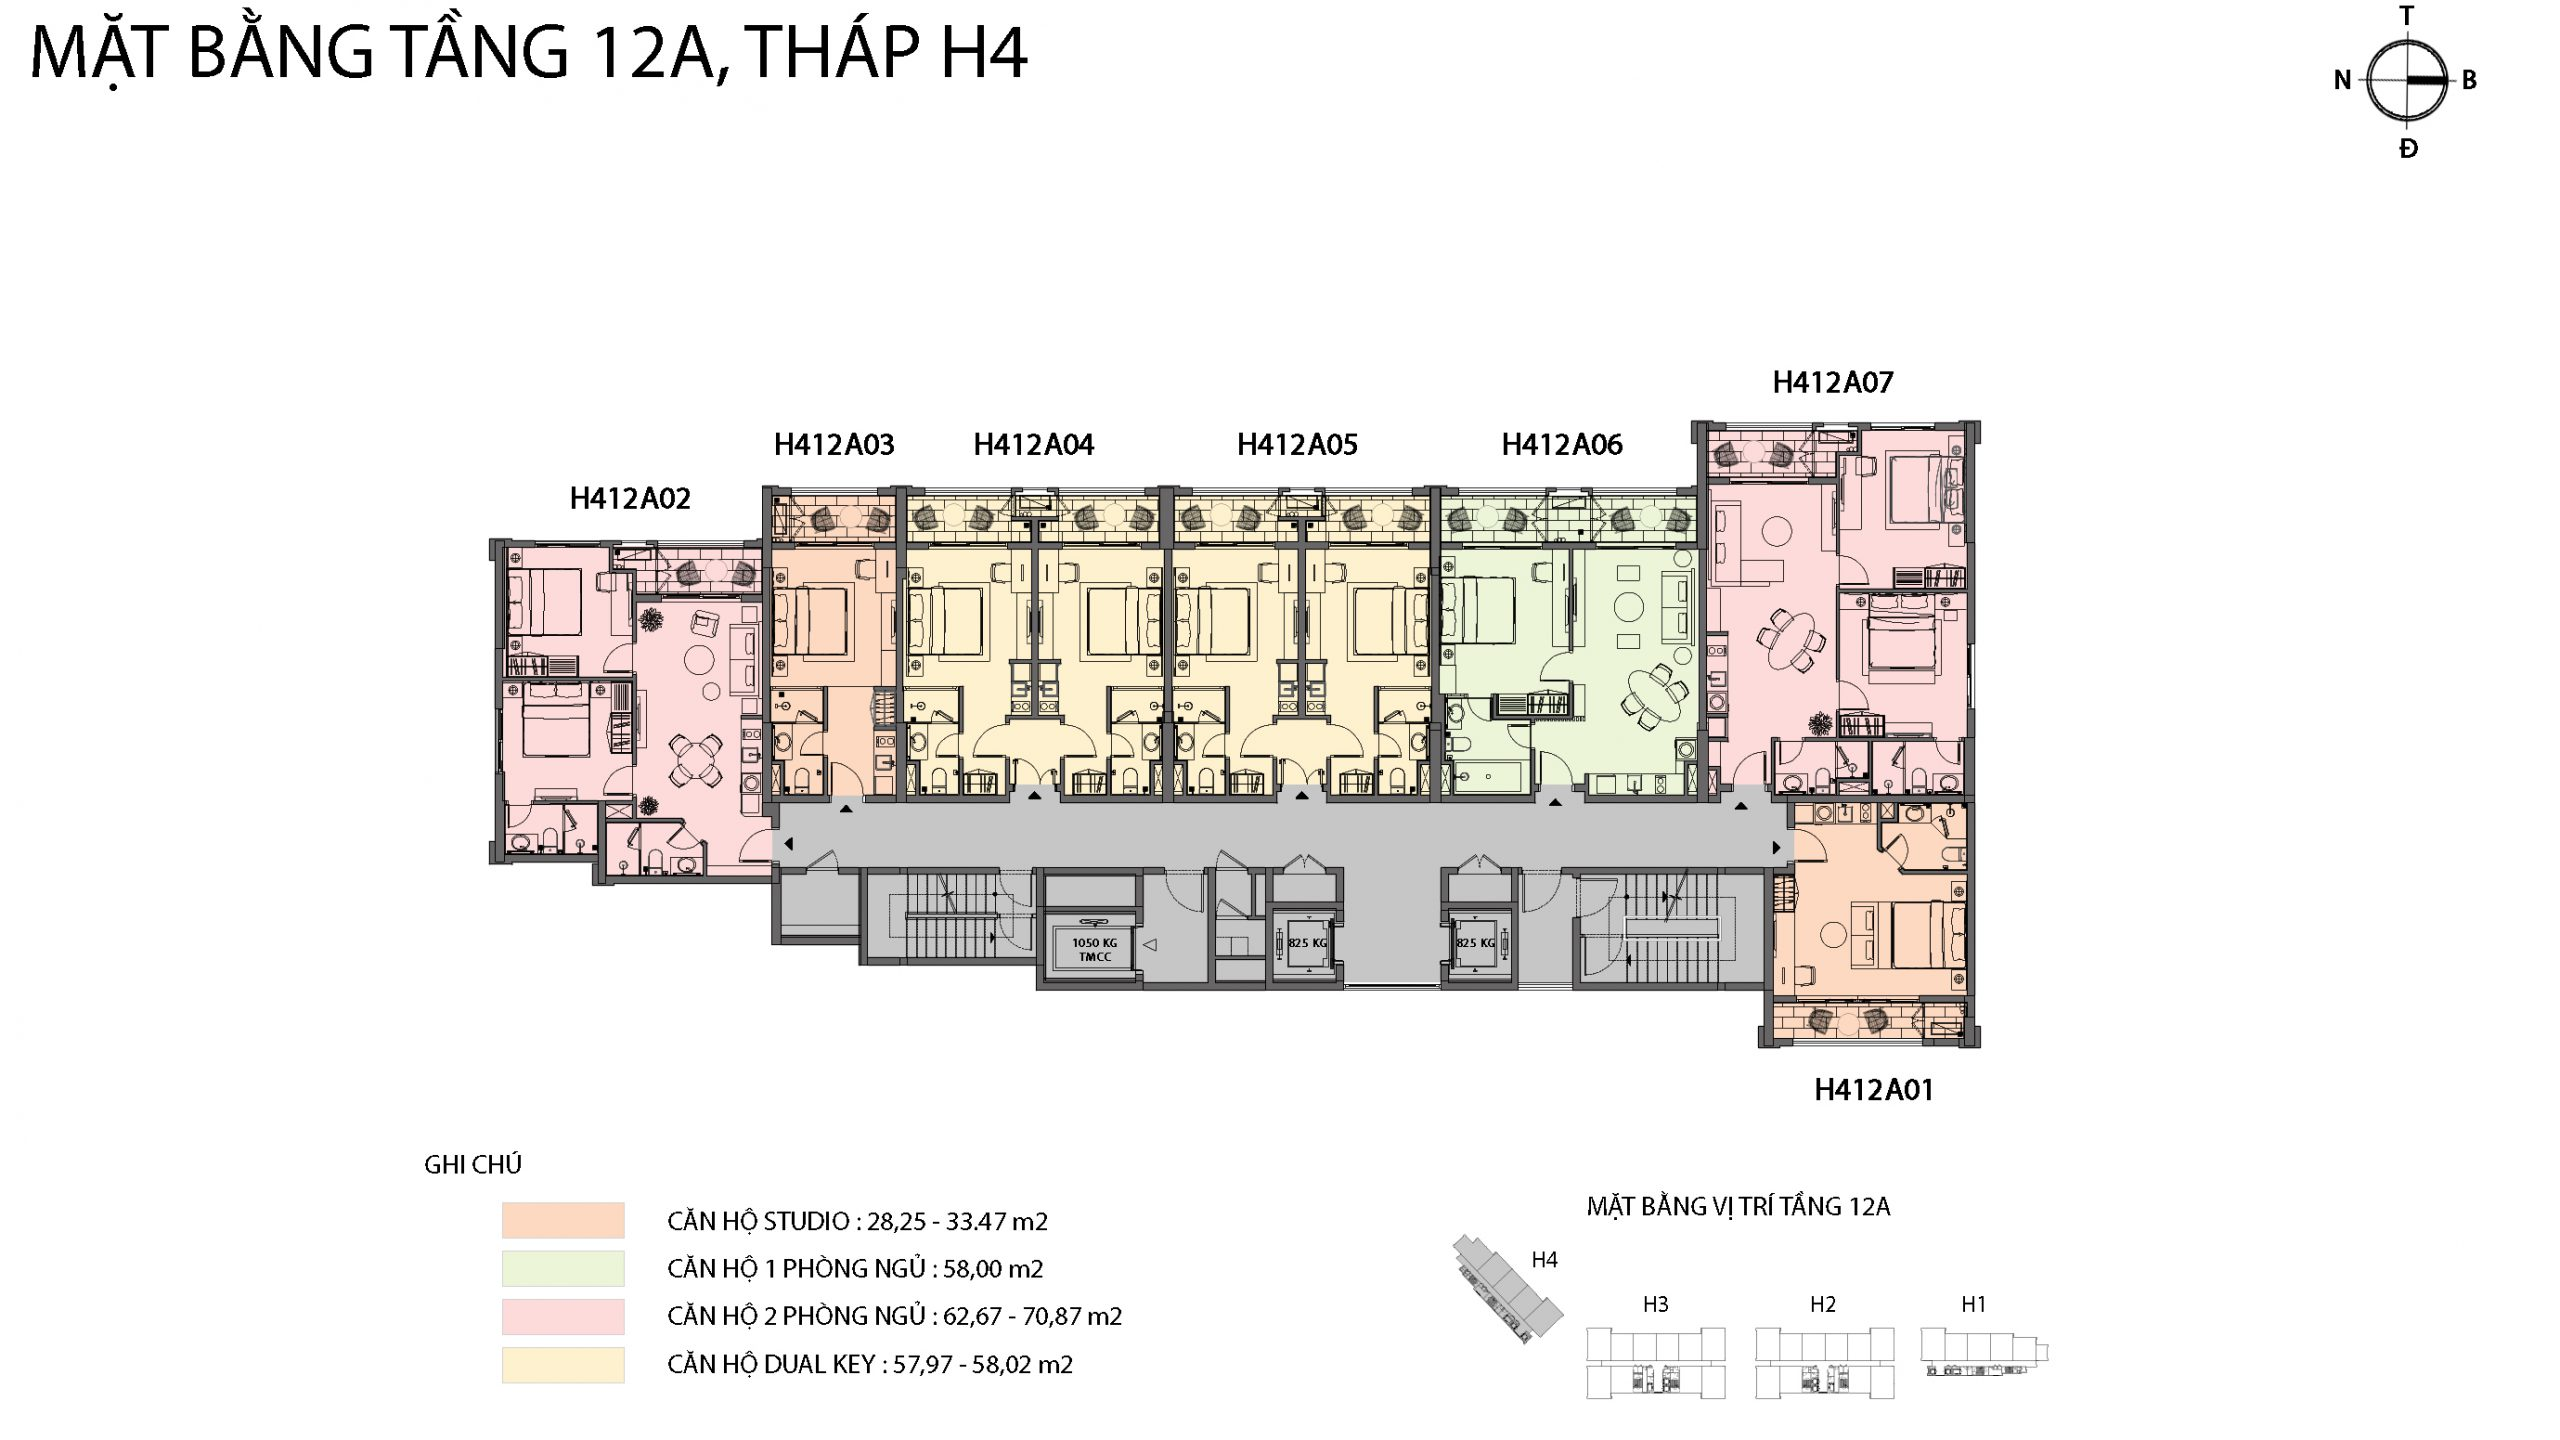 Mặt bằng chi tiết tòa căn hộ H4 - Sun Grand City Hillside Residence 11